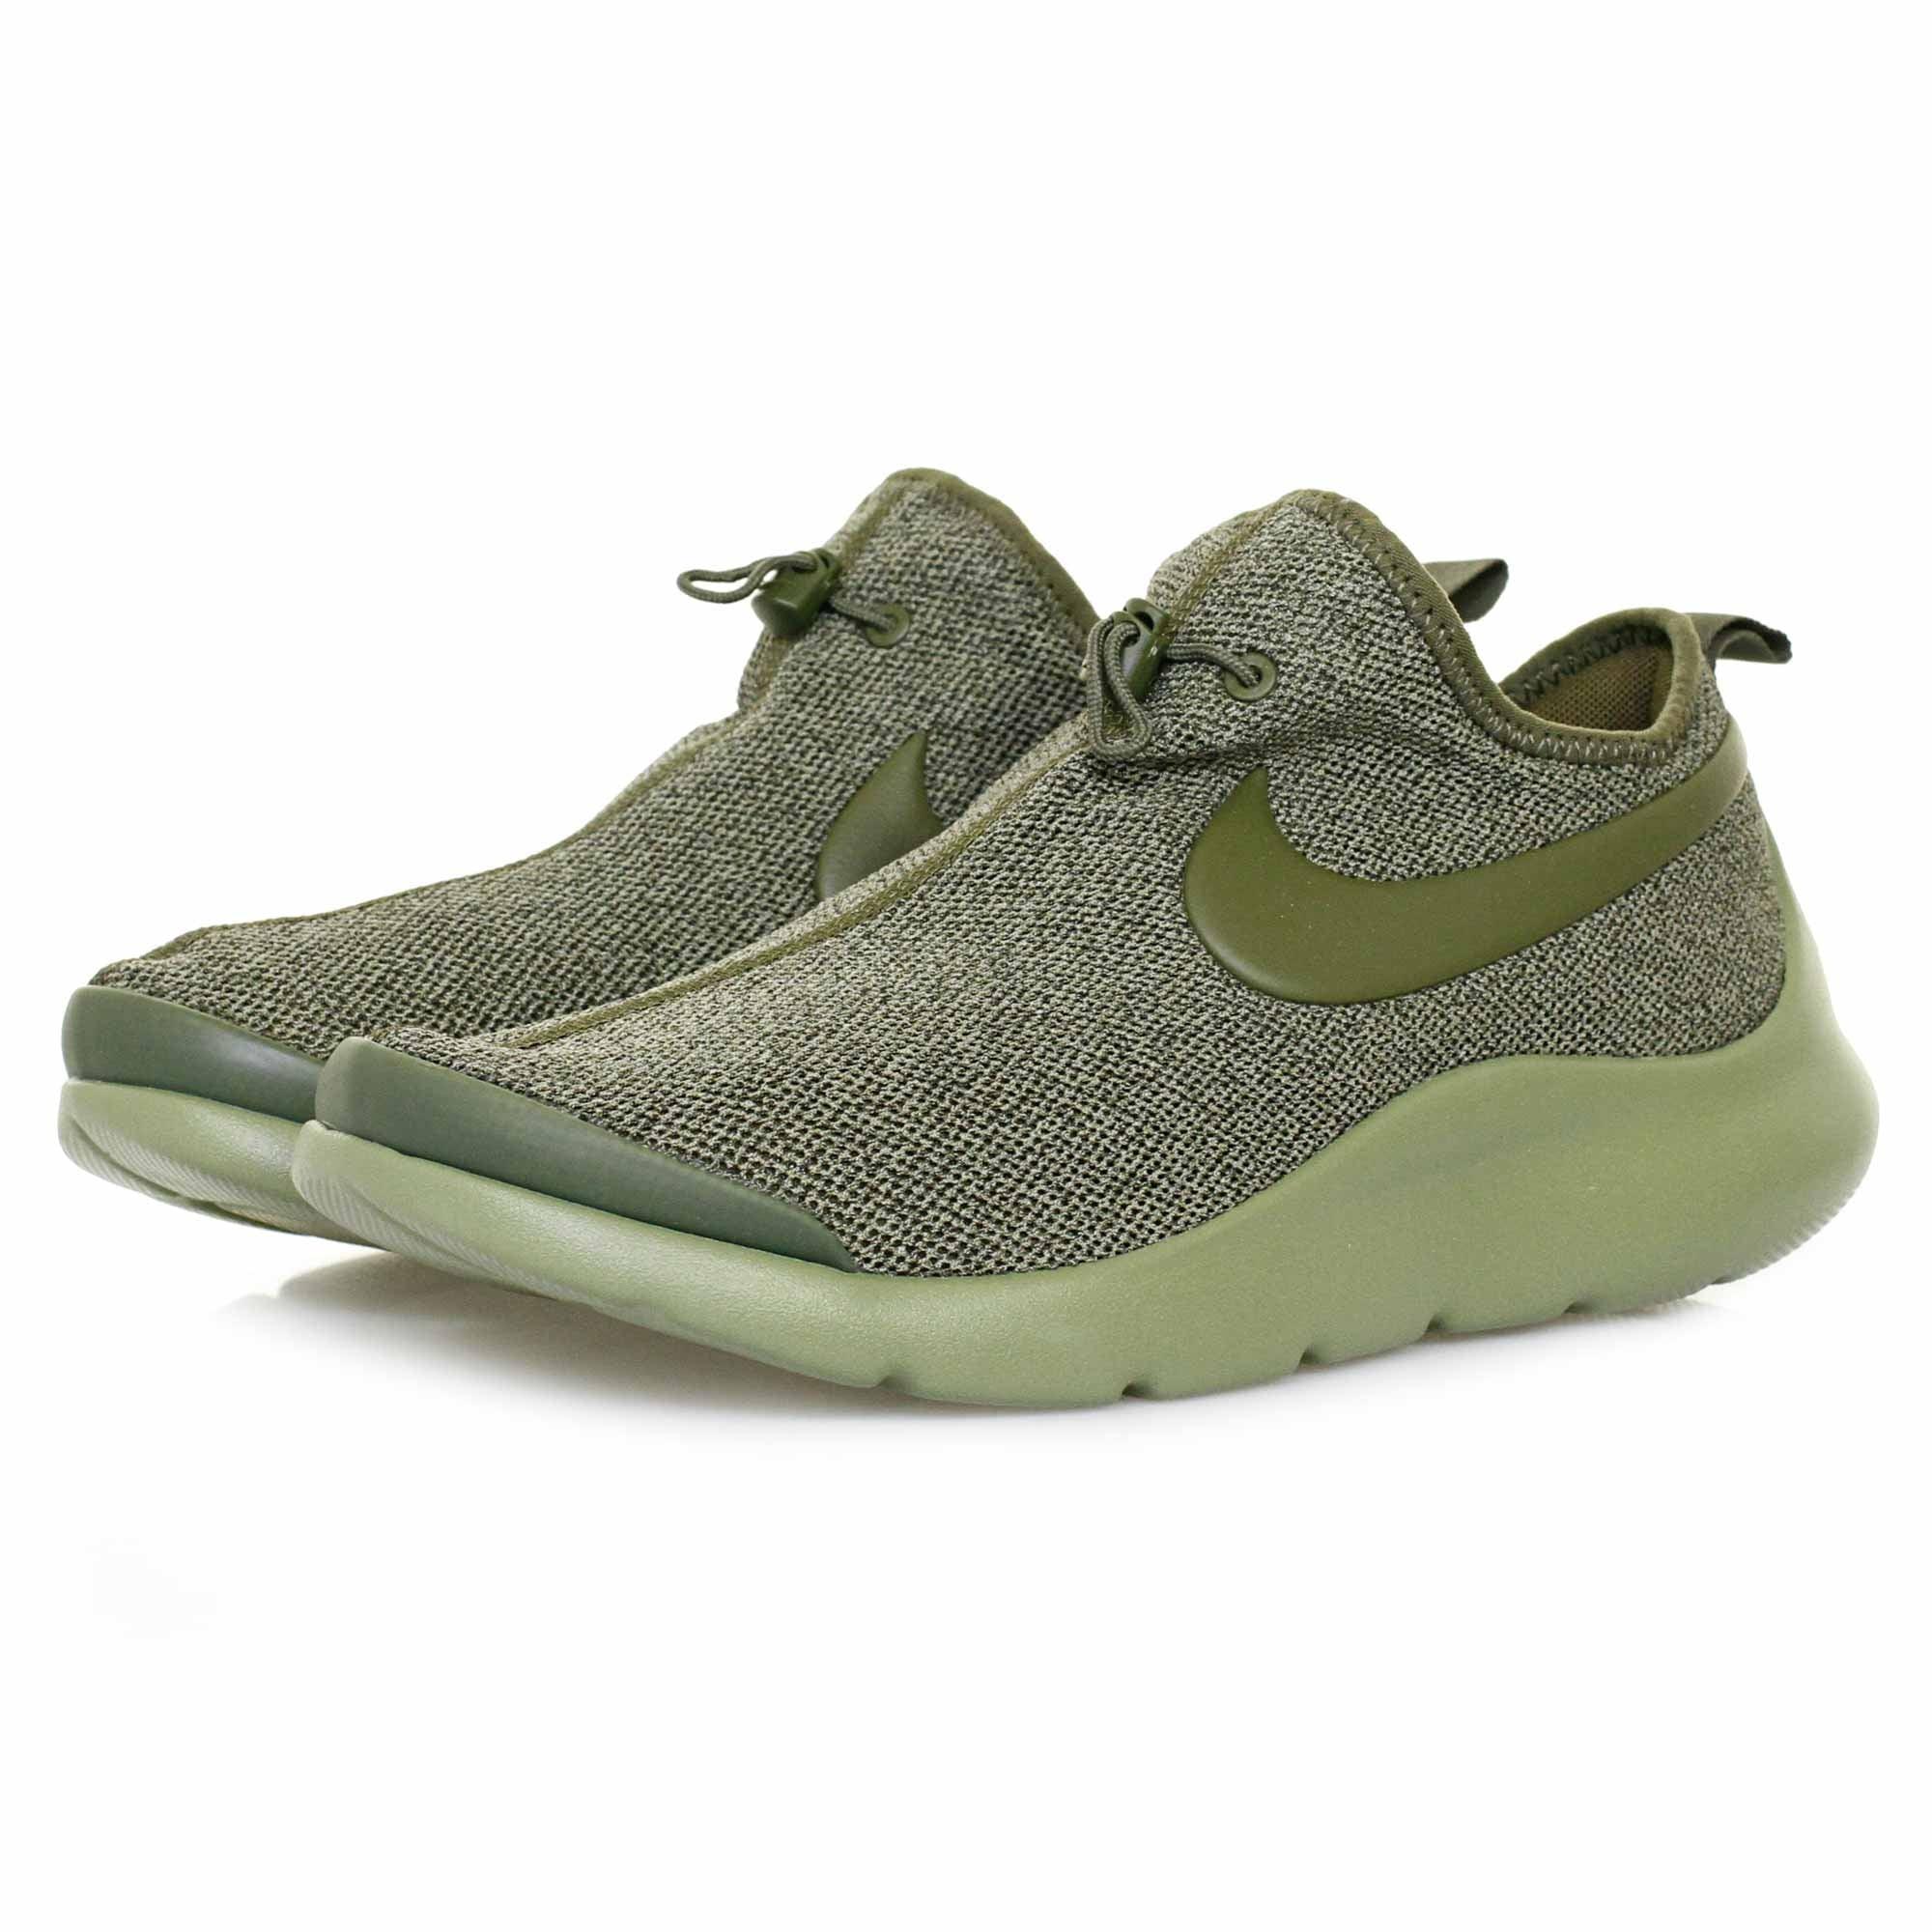 Men's Shoe Nike Aptare SE 881988-300